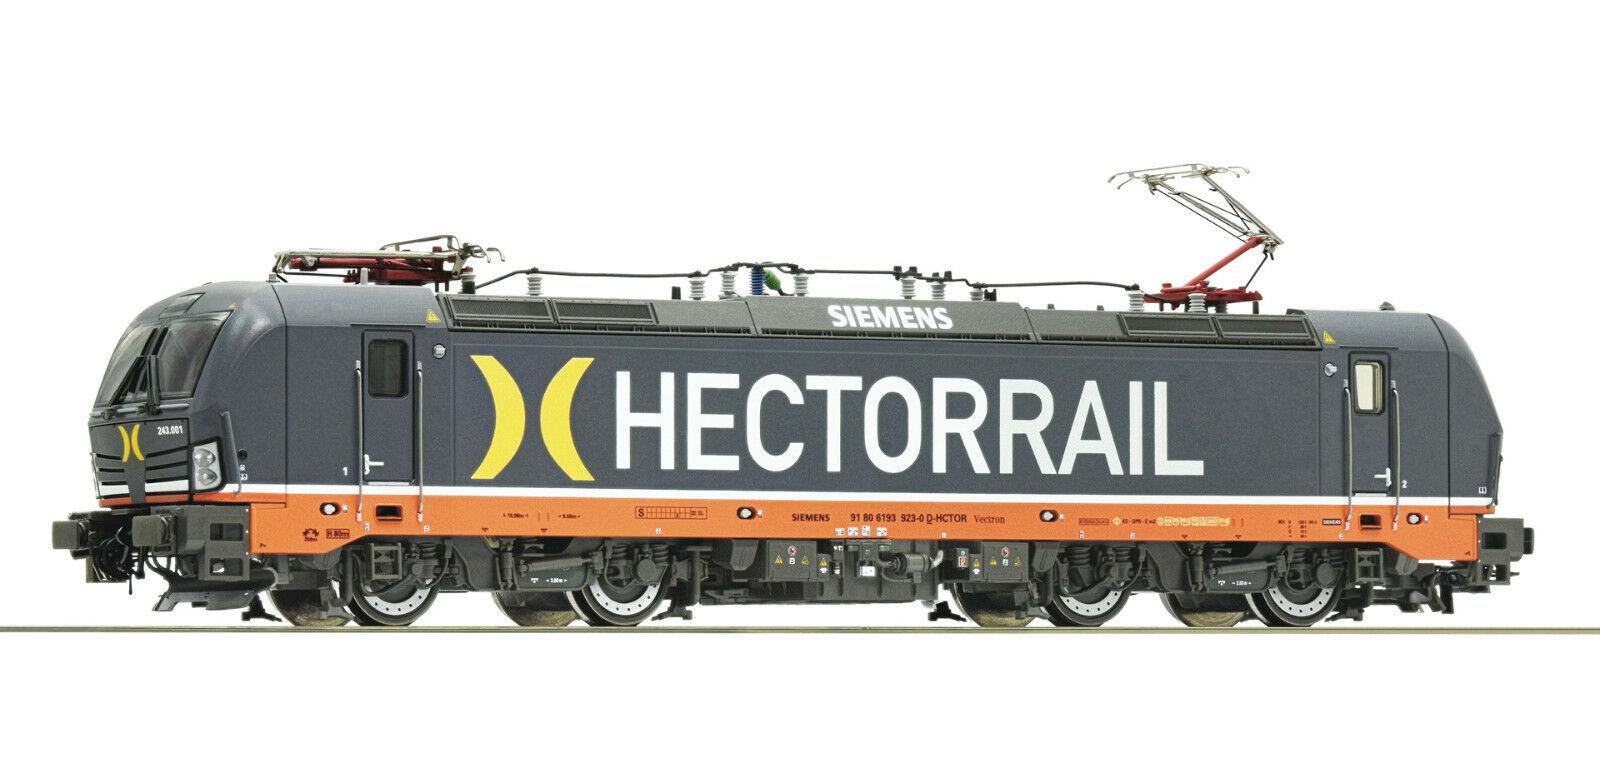 Roco H0 73972 Locomotora Eléctrica Br 243 el Hectorrail - Nuevo + Emb.orig